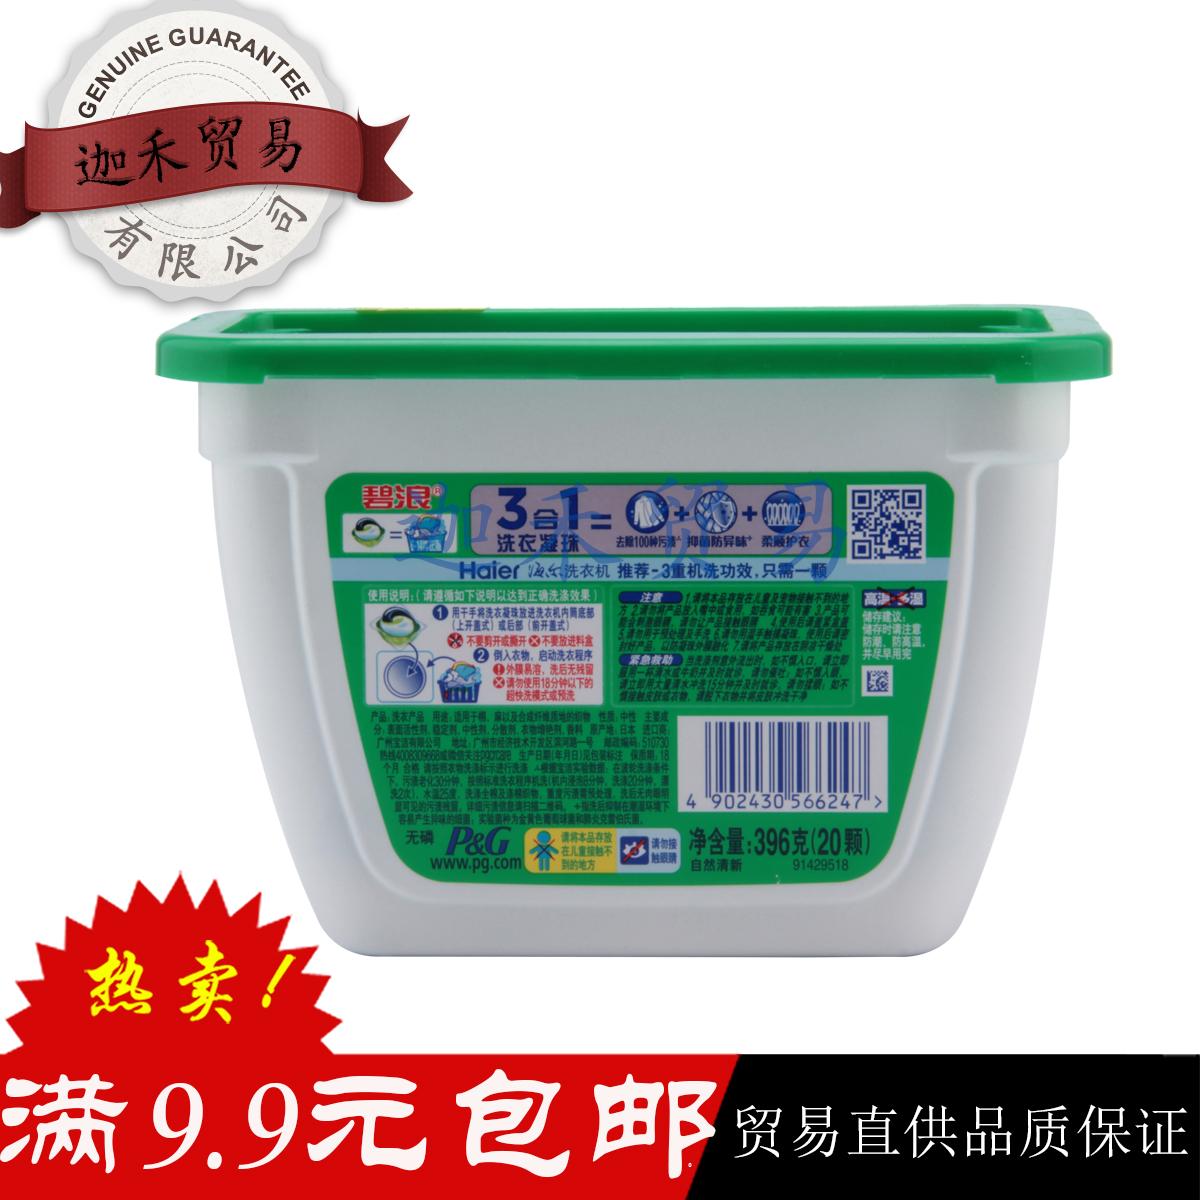 日本进口碧浪3合一洗衣凝珠20颗机洗去除污渍抑菌防异味柔顺护衣